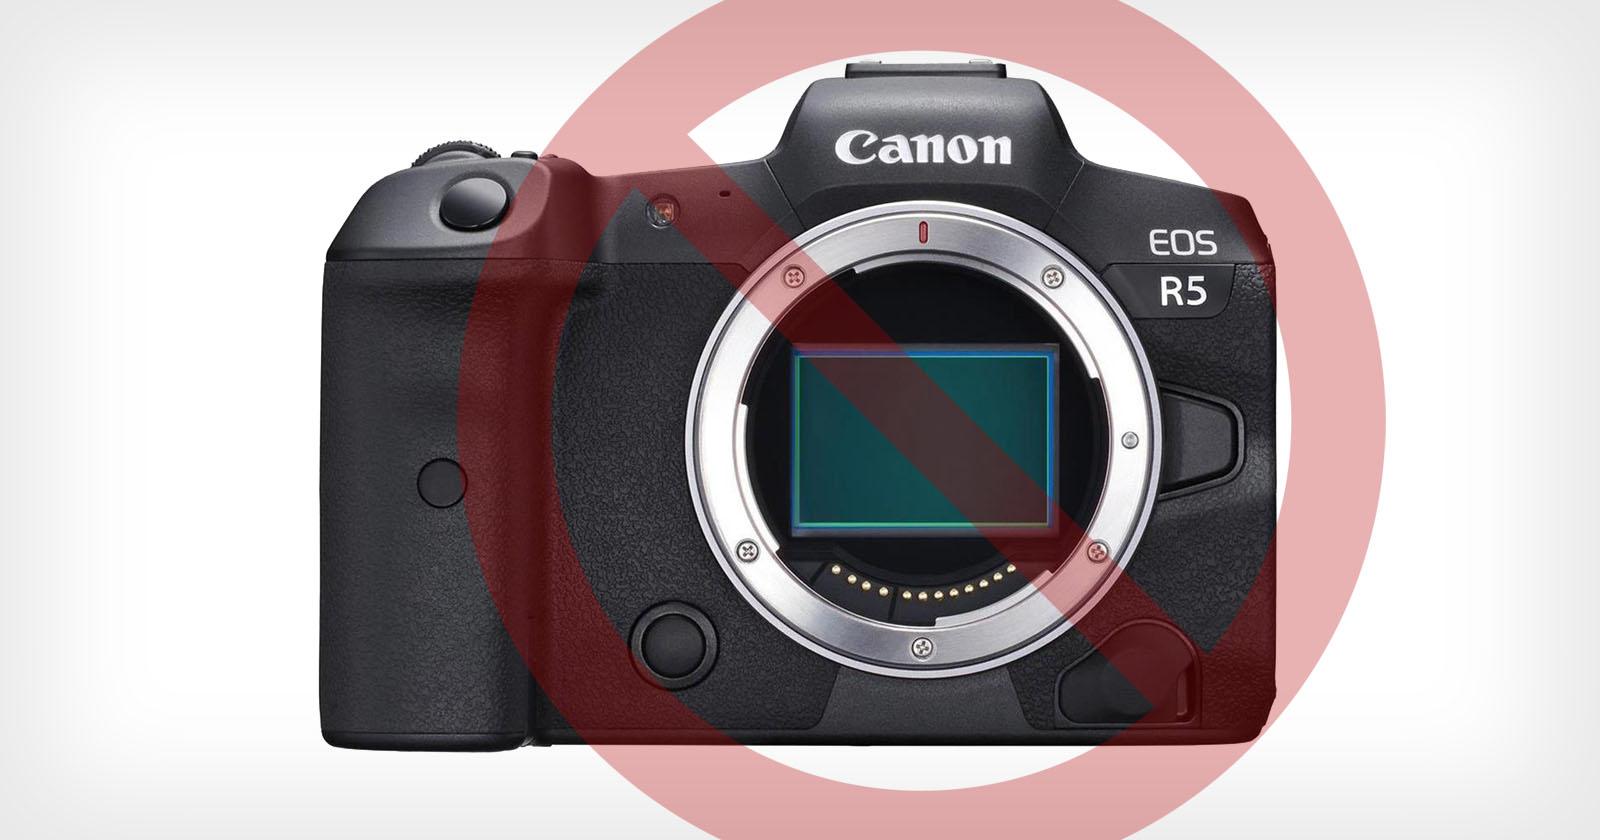 Perché non eseguo l'aggiornamento alle fotocamere mirrorless come fotografo professionista